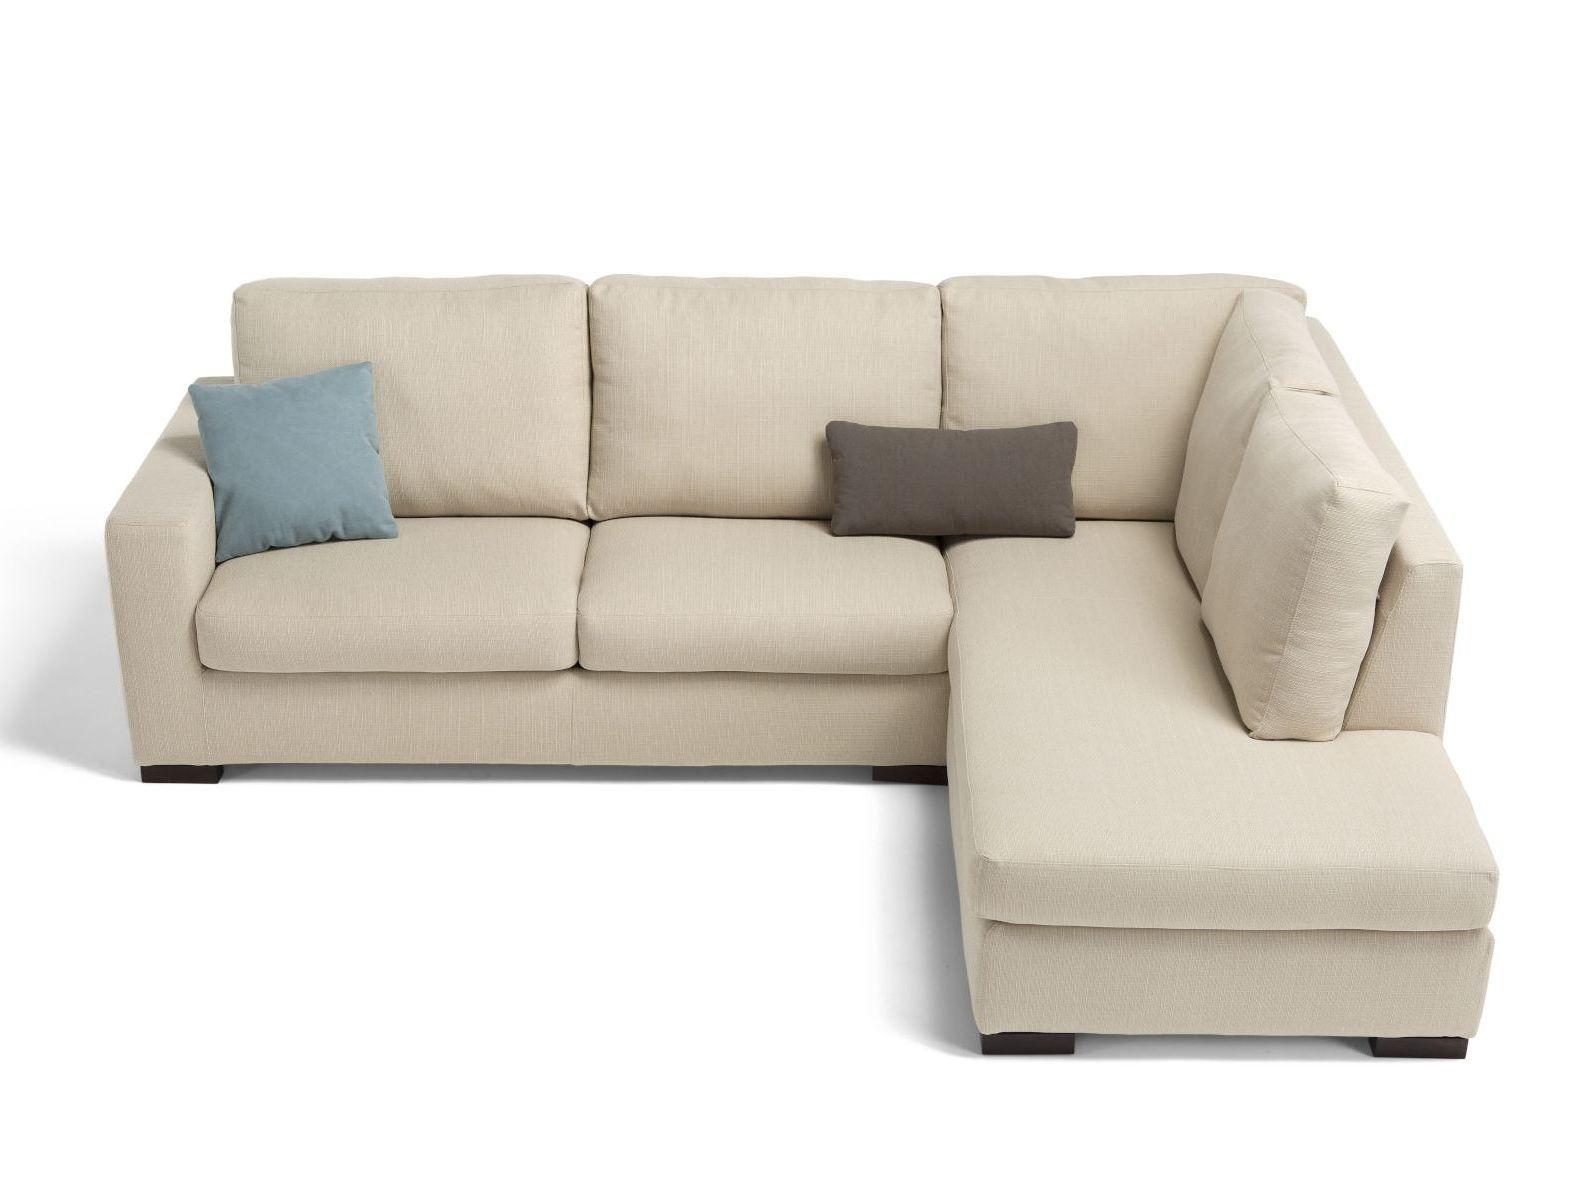 Vienna divano letto con chaise longue collezione 31 forme - Chaise longue divano ...